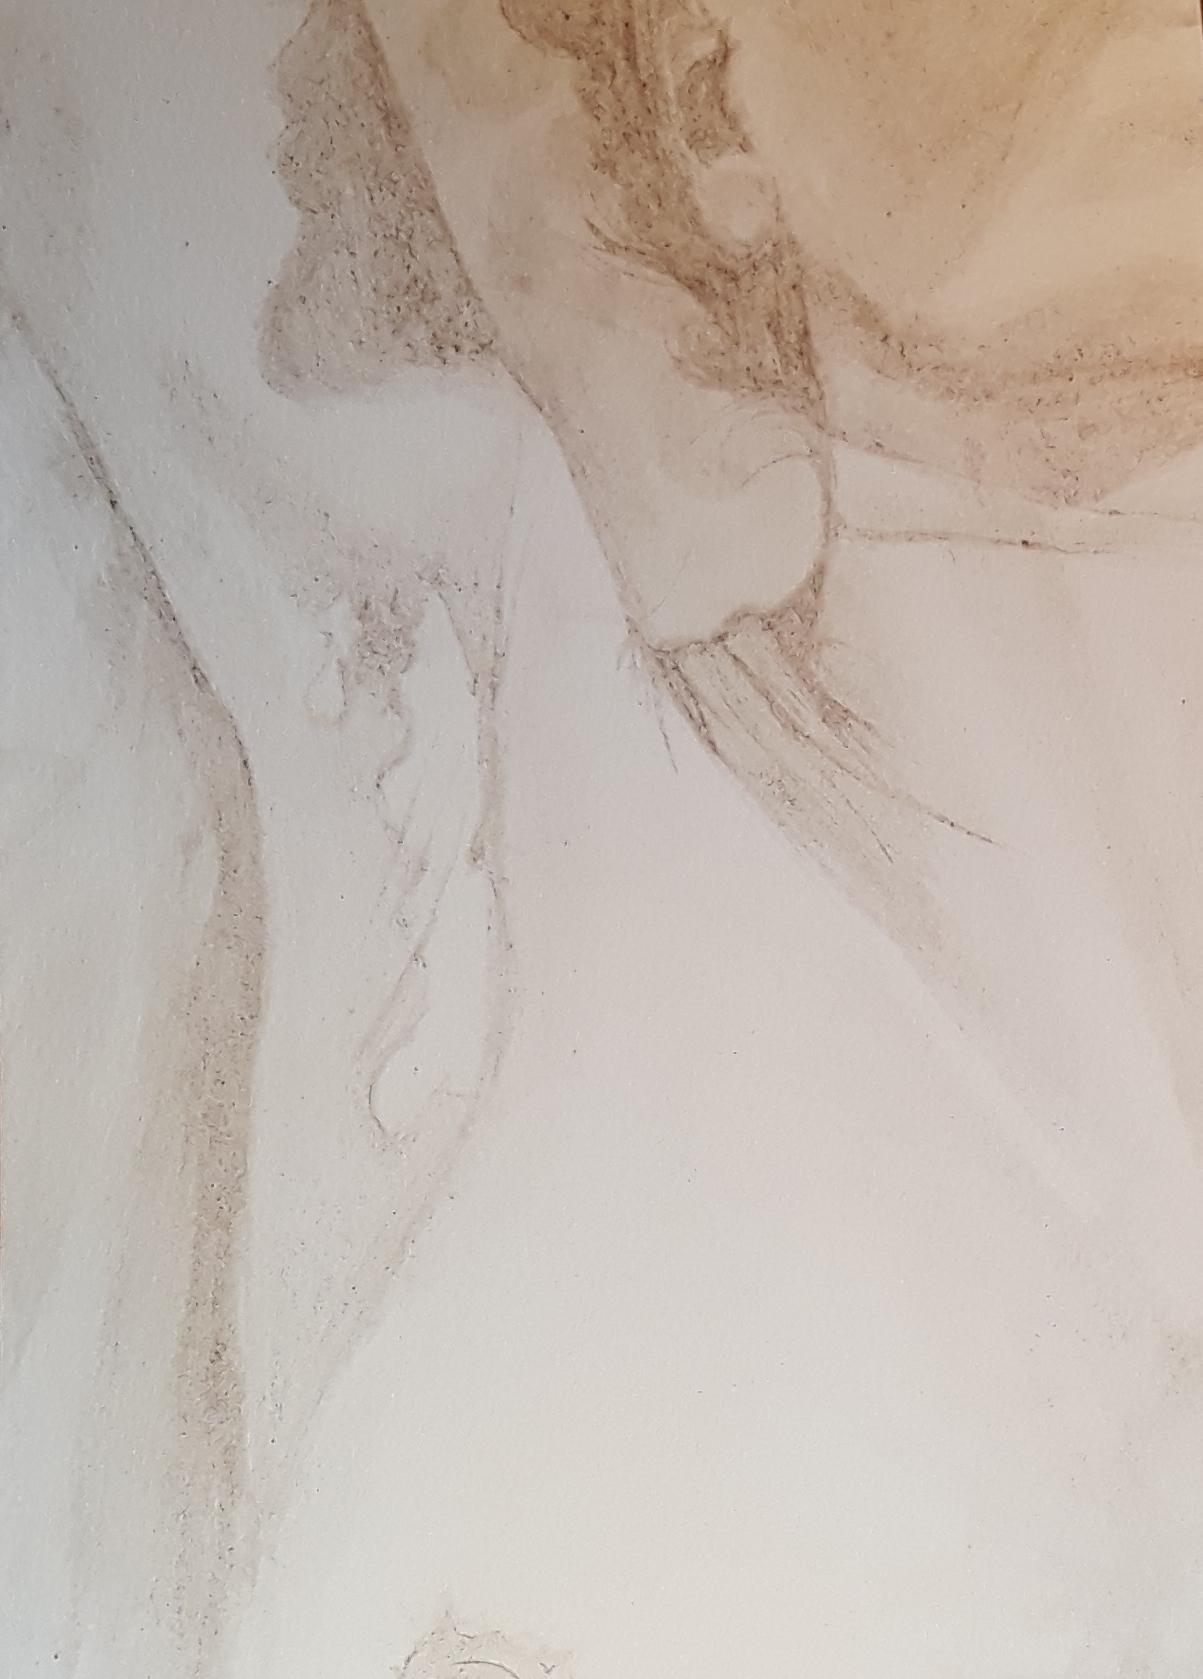 Nebula 1 - 2019The Artist's Dust on Paper 290 x 210 mm (Framed)3500 ZAR